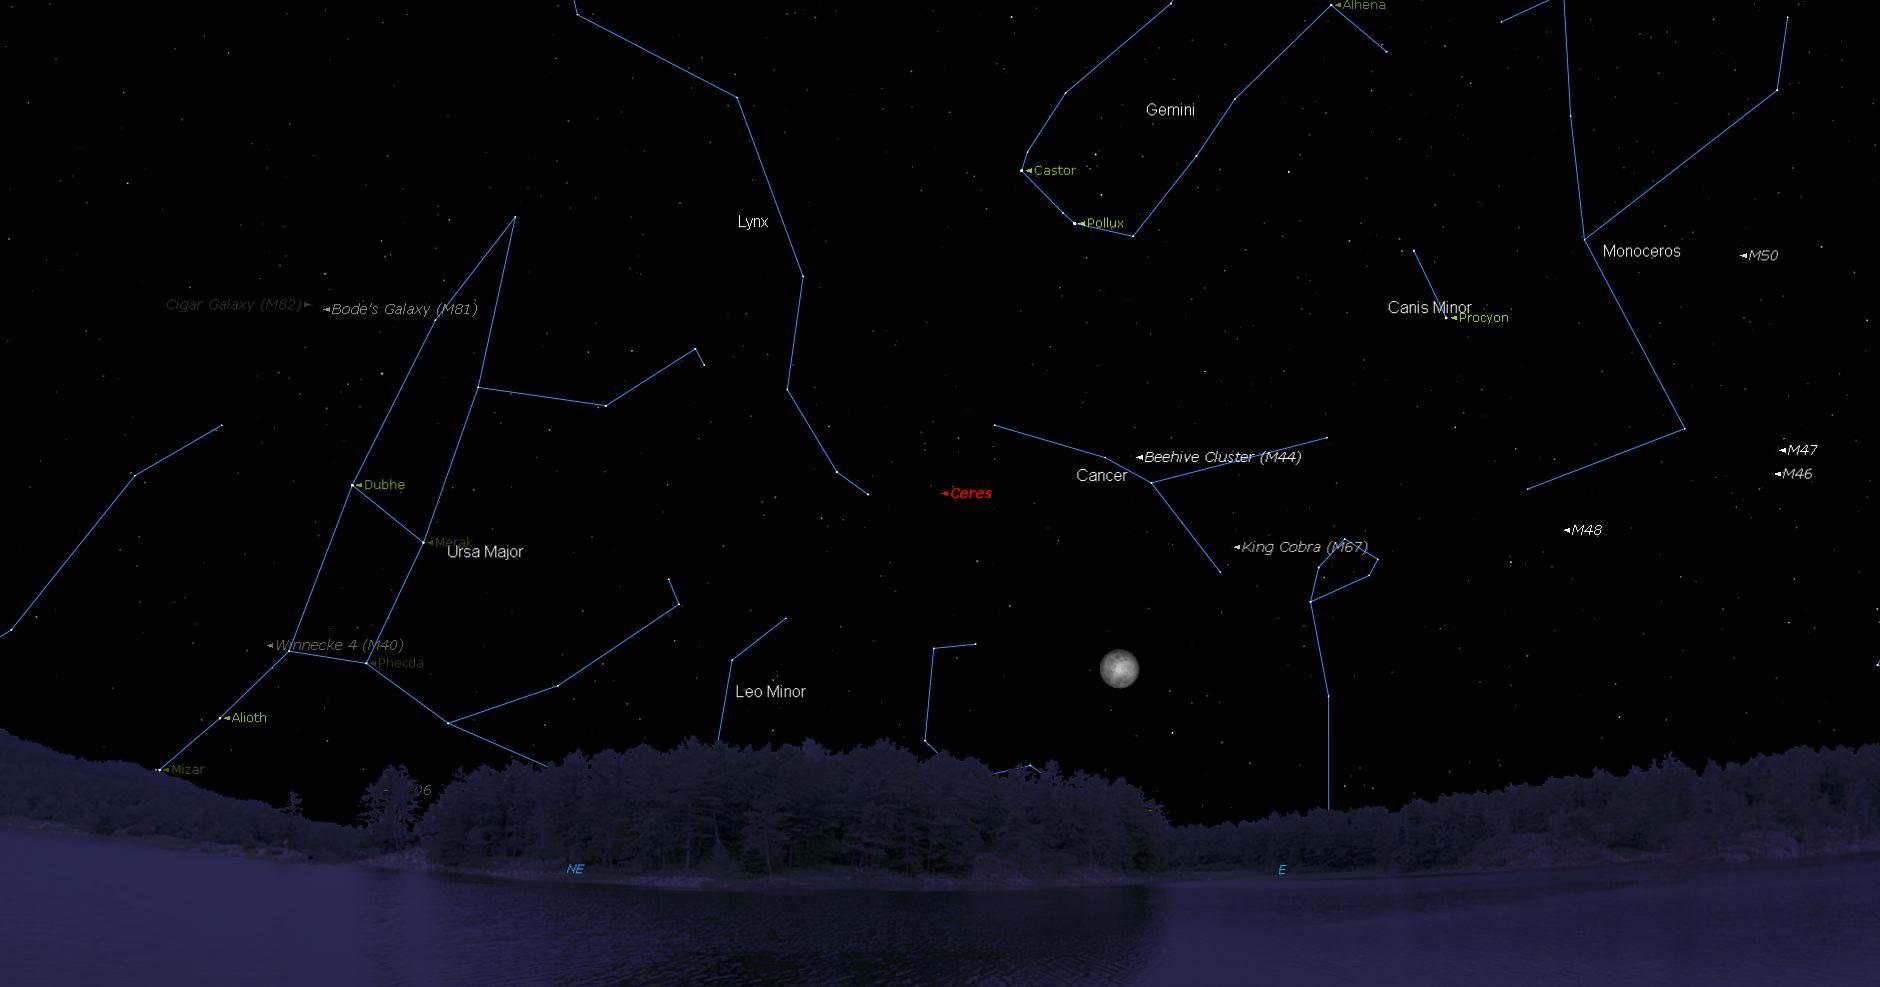 Planeta menor Ceres, entre Linx y Cancer a las 7:00 pm hora local.